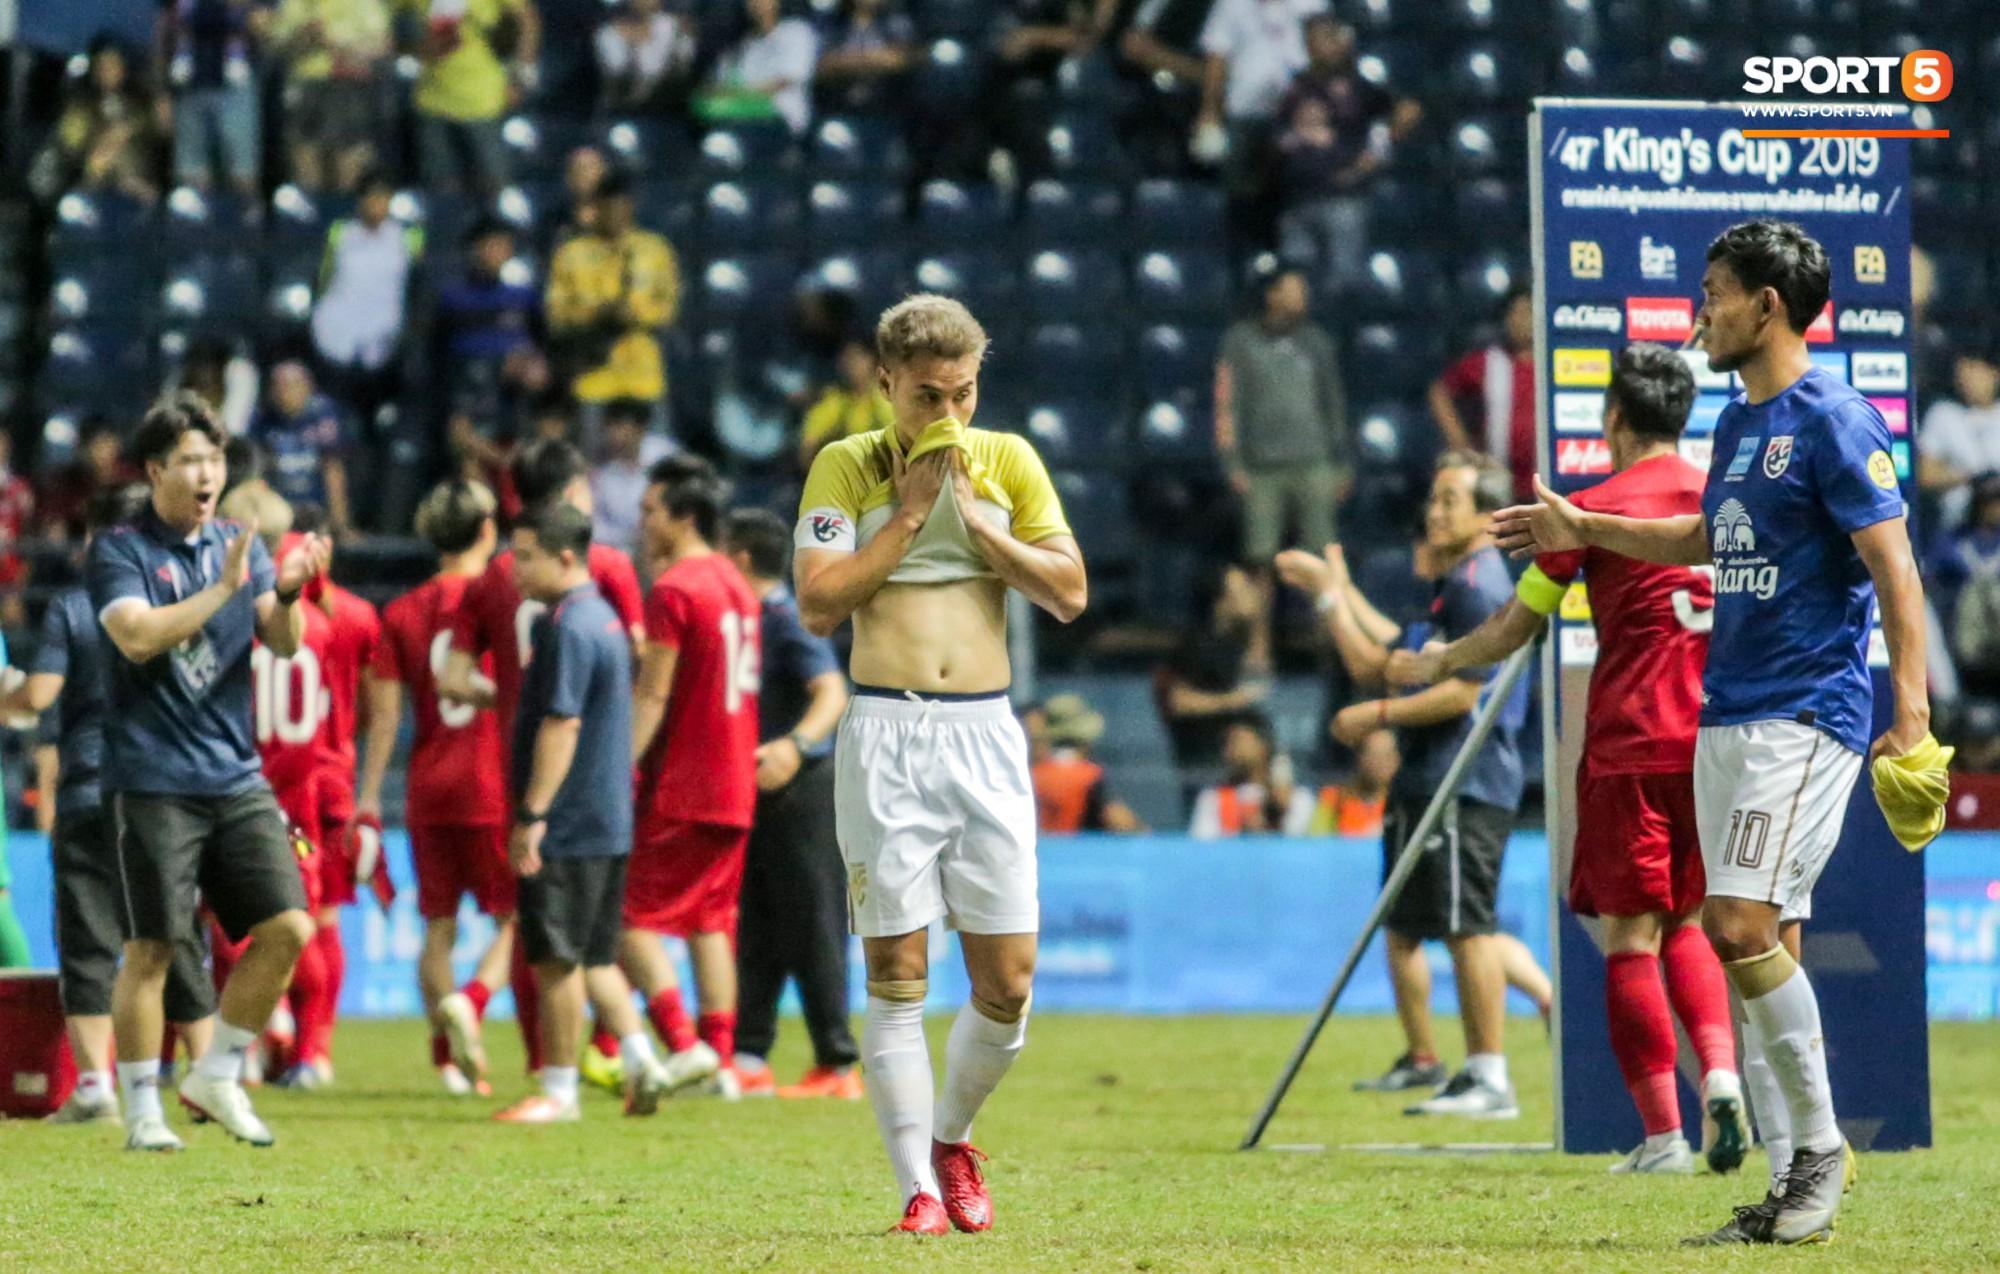 Hài hước: Tiền vệ tuyển Việt Nam bị trọng tài xin lại bụng bầu sau màn ăn mừng kinh điển-11